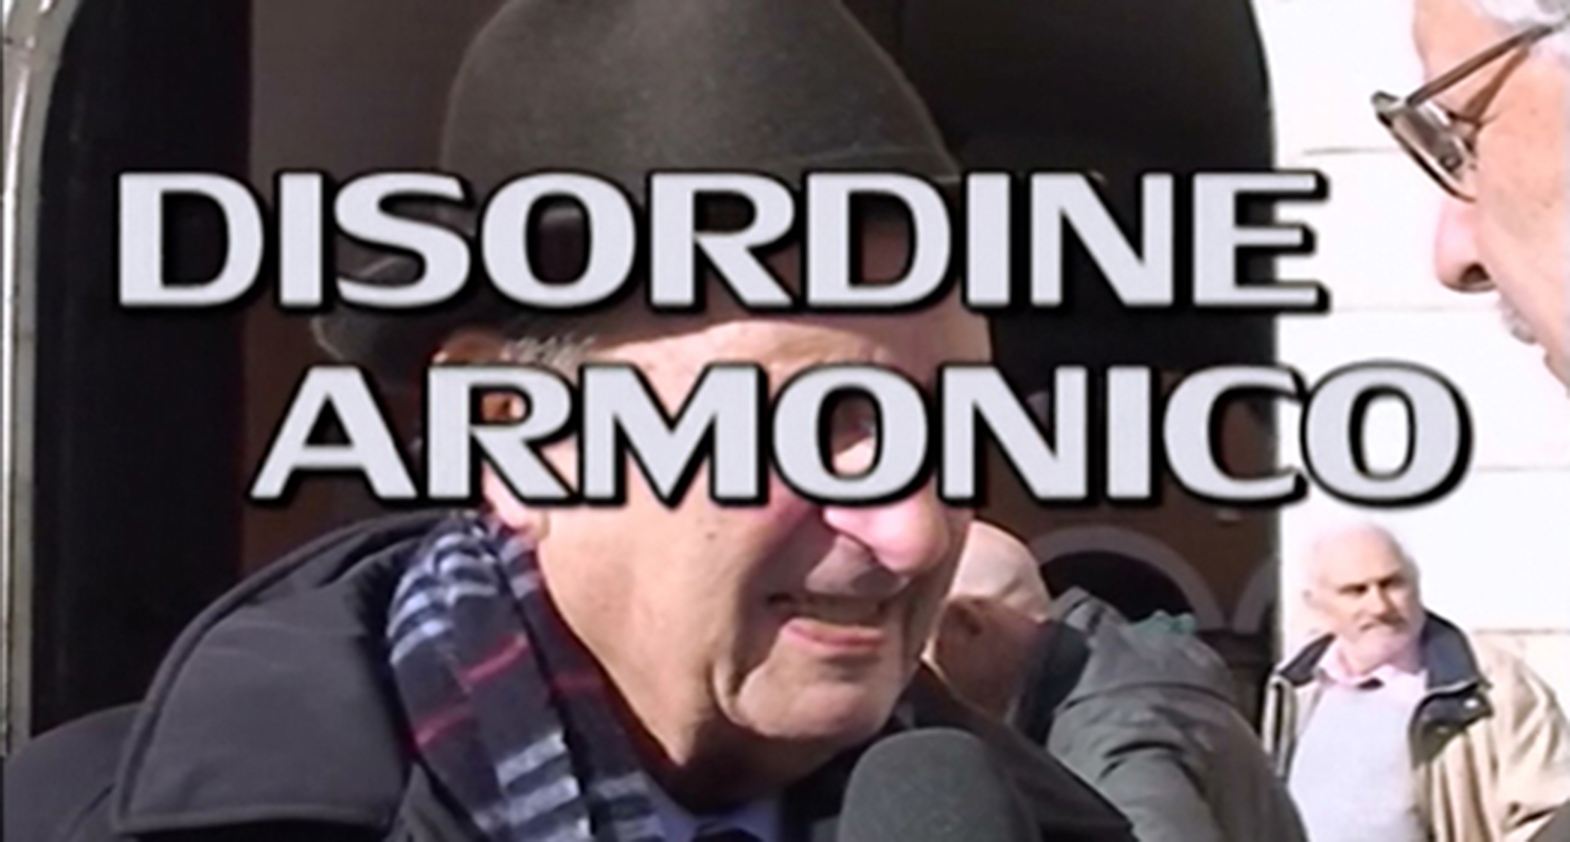 DISORDINE ARMONICO